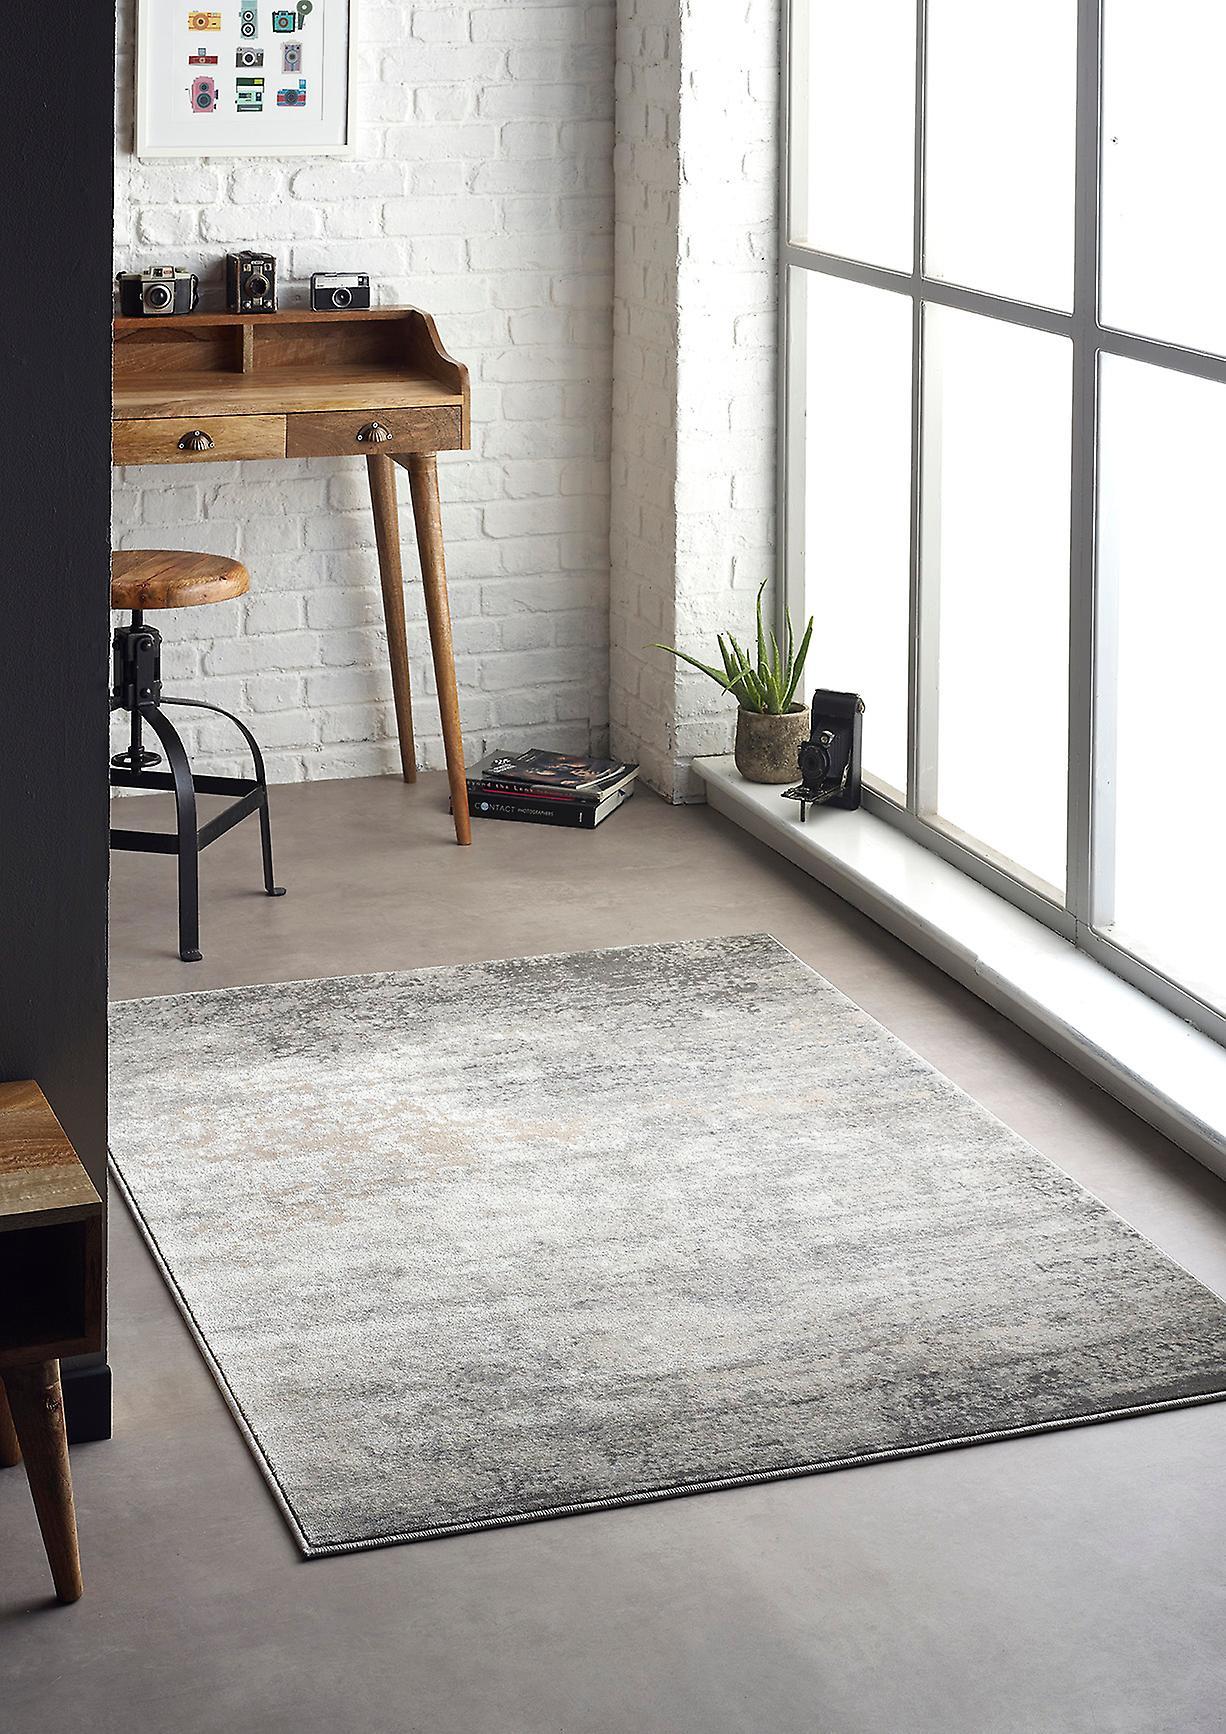 Une réflexion poétique Artic Rectangle tapis tapis modernes